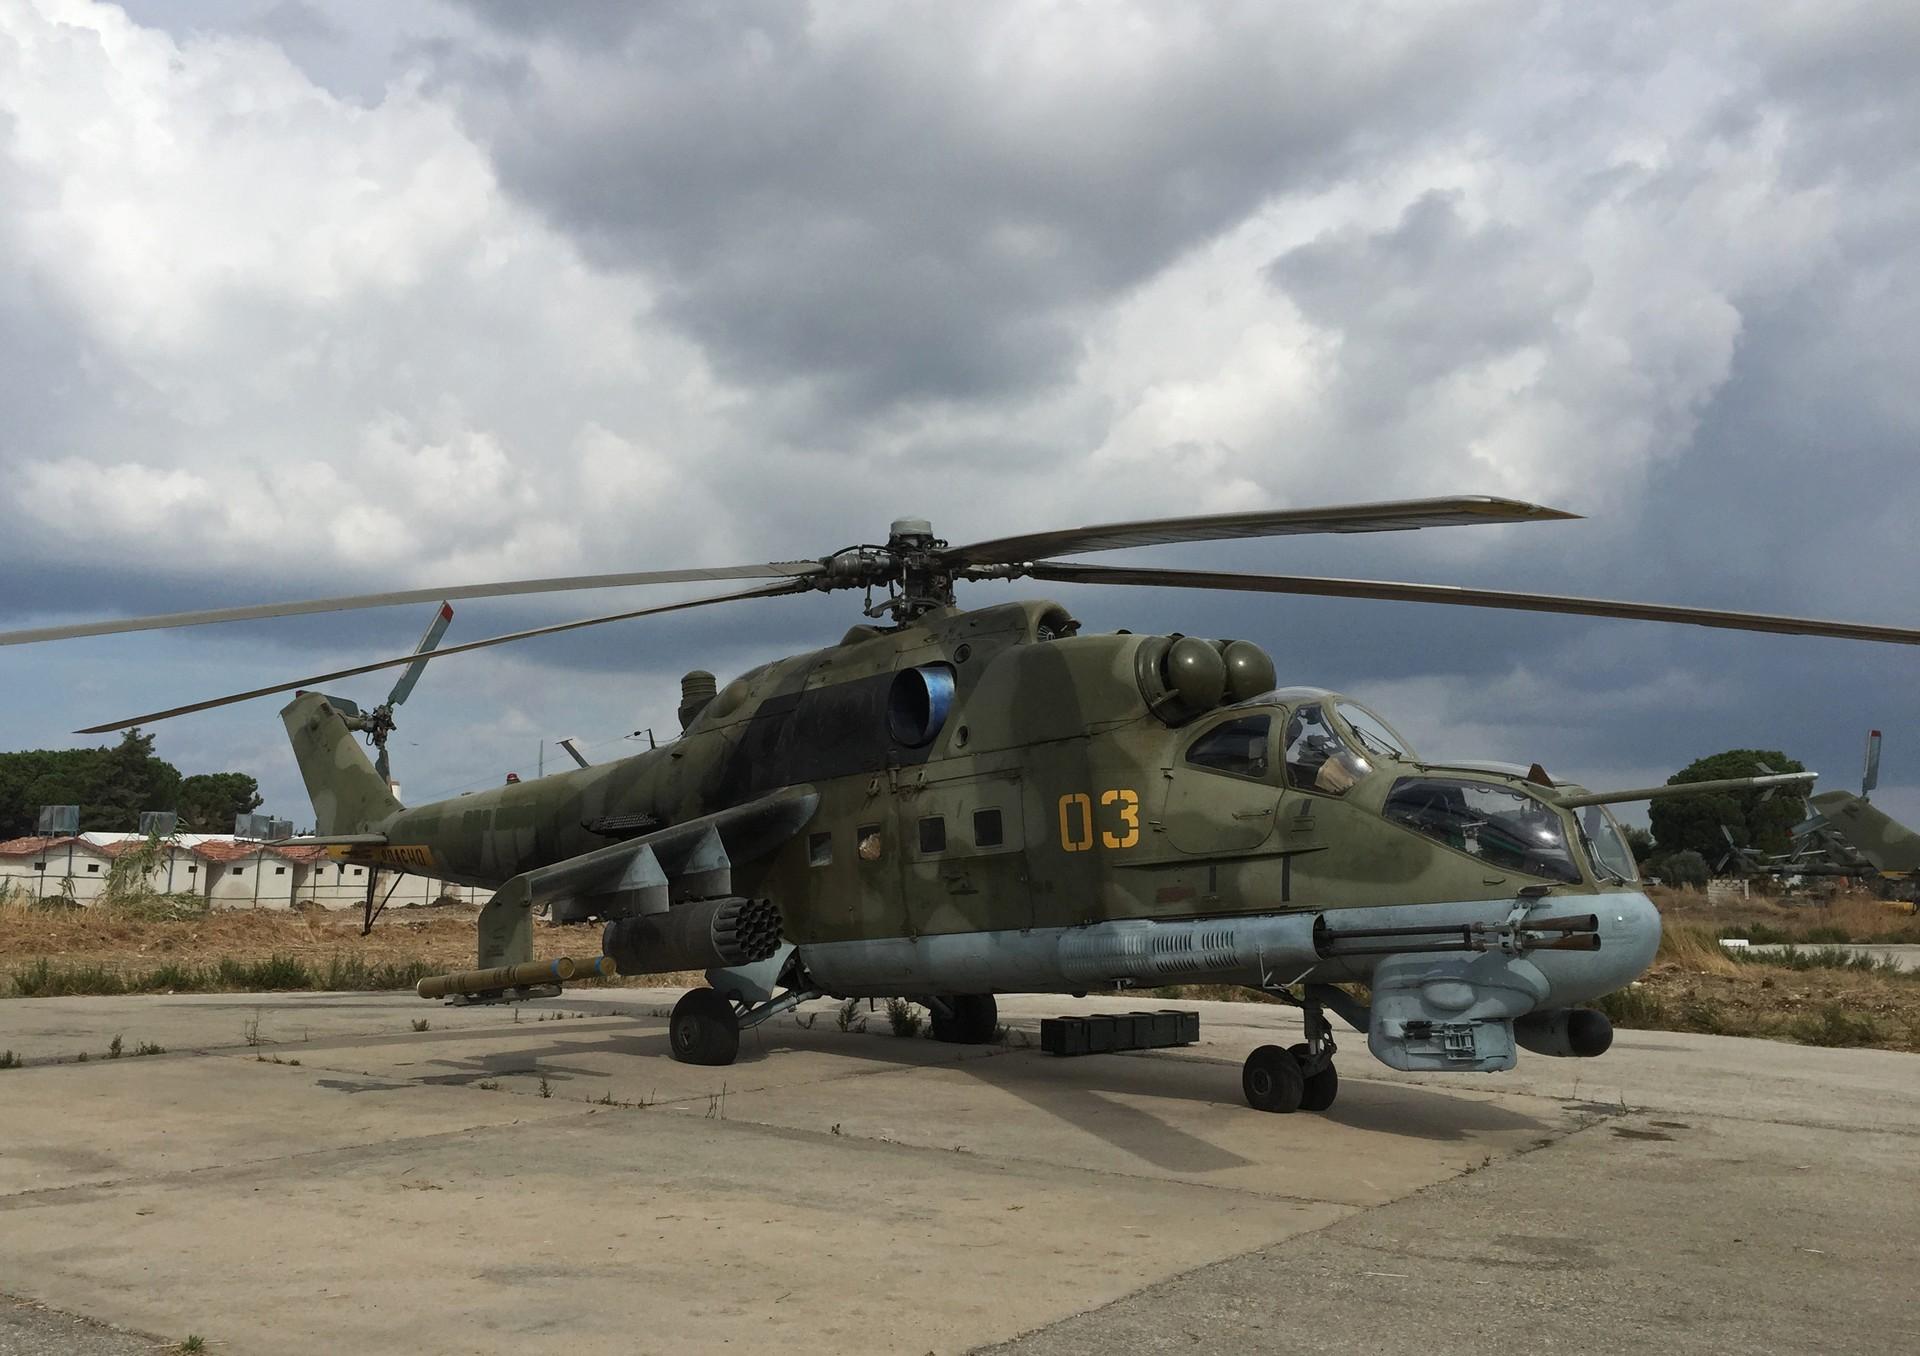 El helicóptero de ataque Mil Mi-24 en la base aérea de Jmeimim en Siria